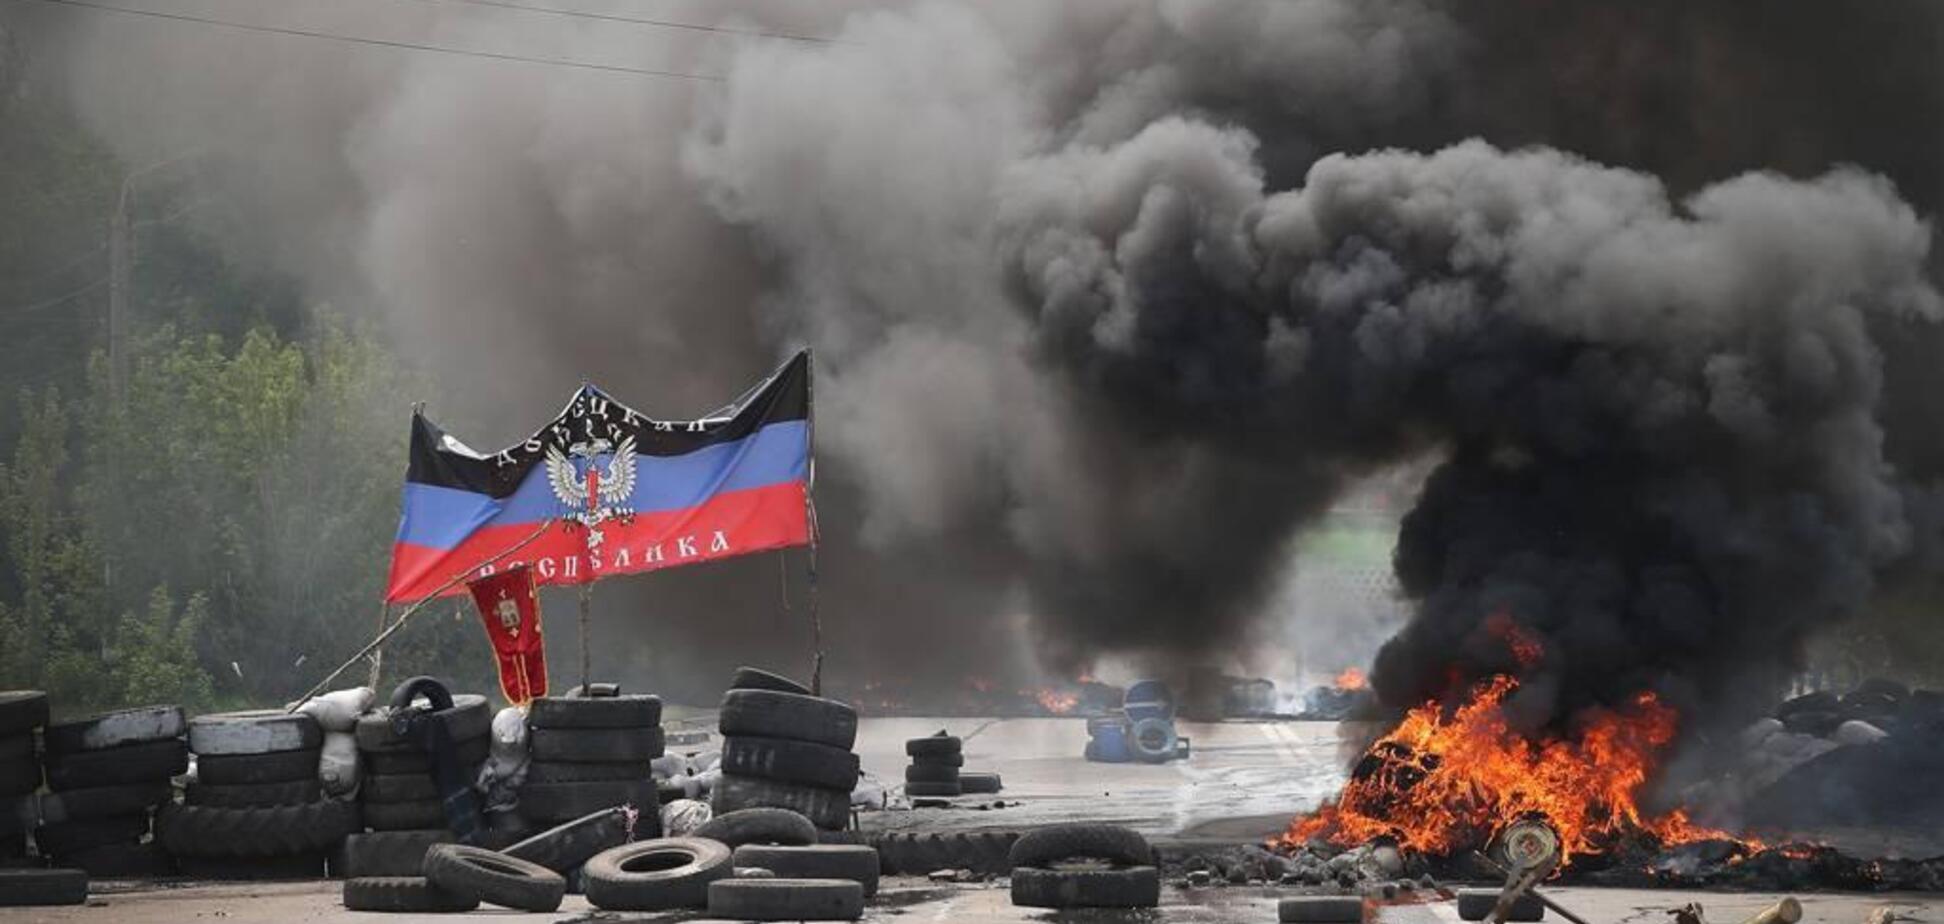 Бородай не просто так заявил о российском Донбассе